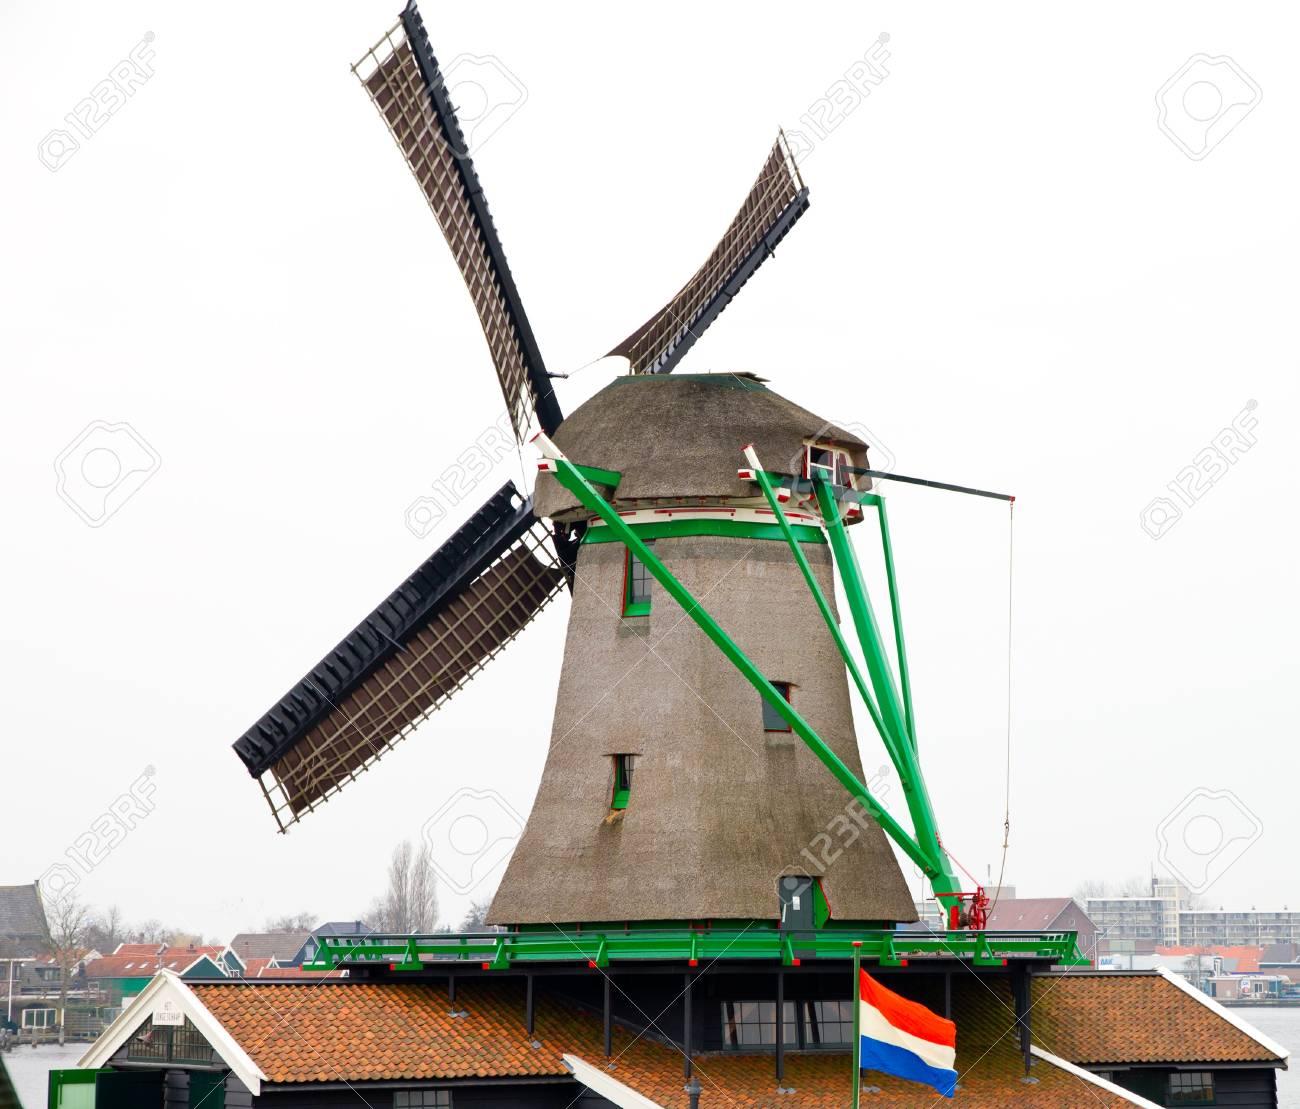 Windmill closeup at zaanse schans Stock Photo - 13228868